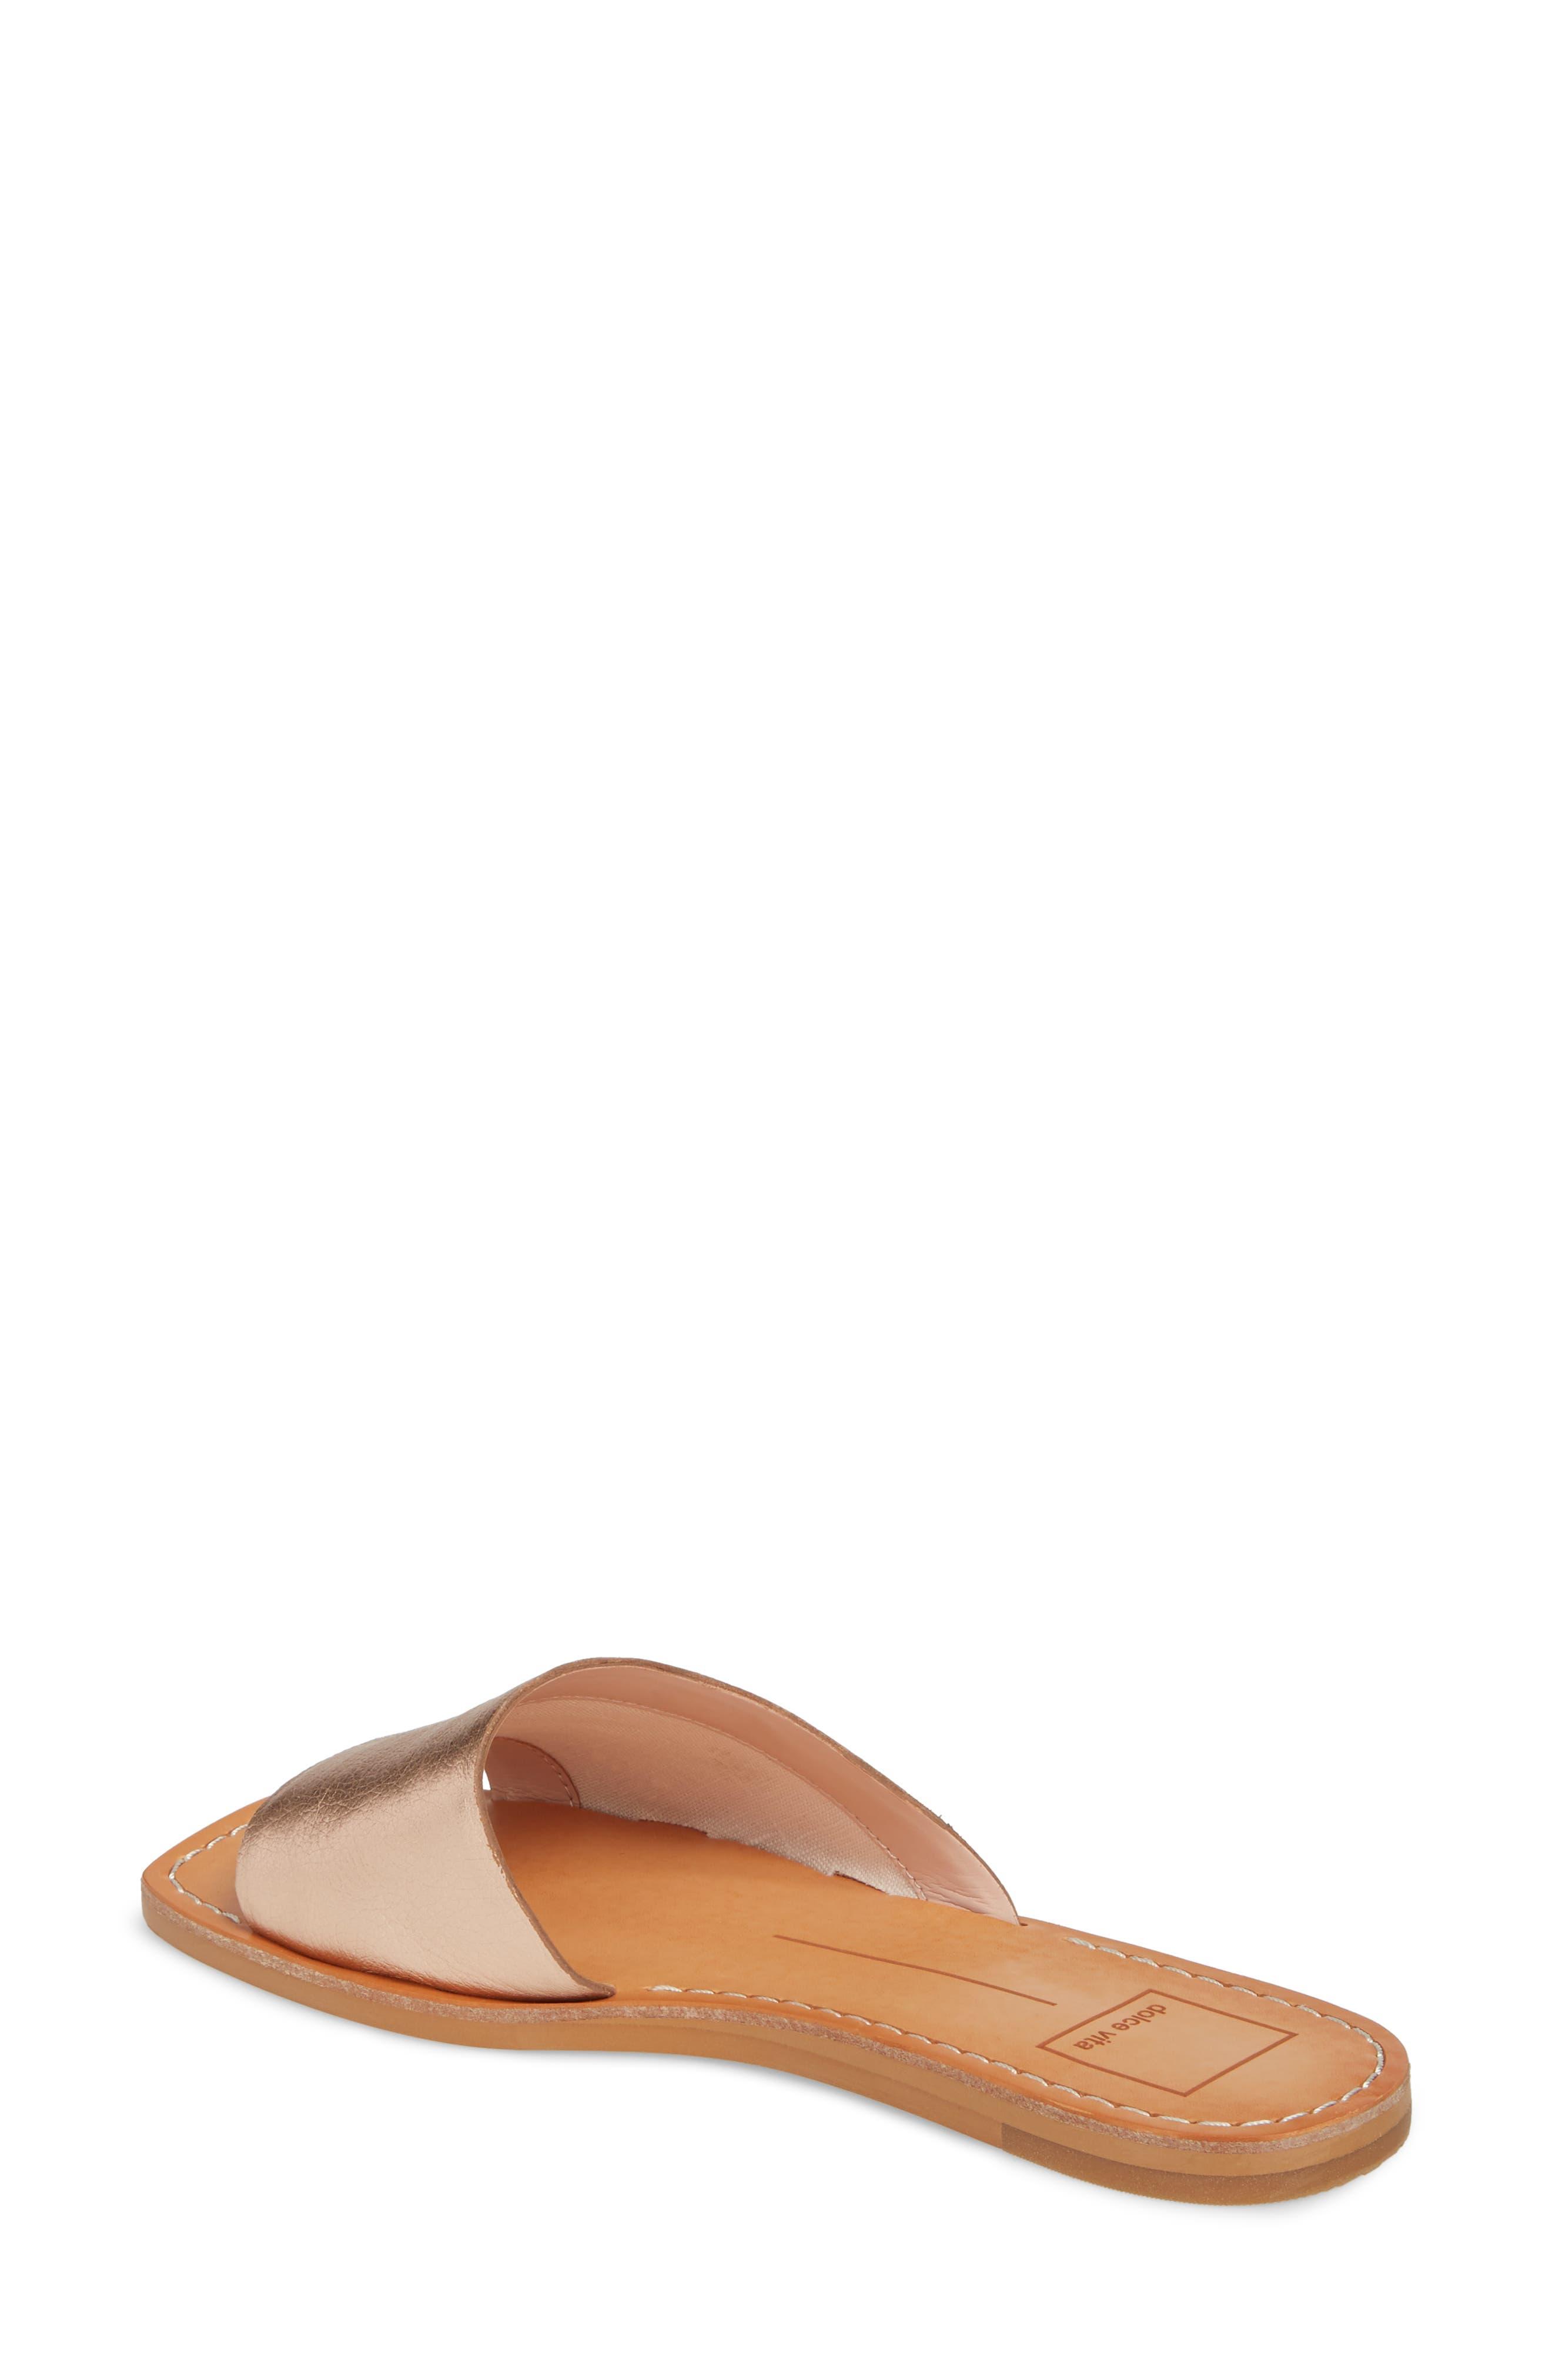 Cato Asymmetrical Slide Sandal,                             Alternate thumbnail 11, color,